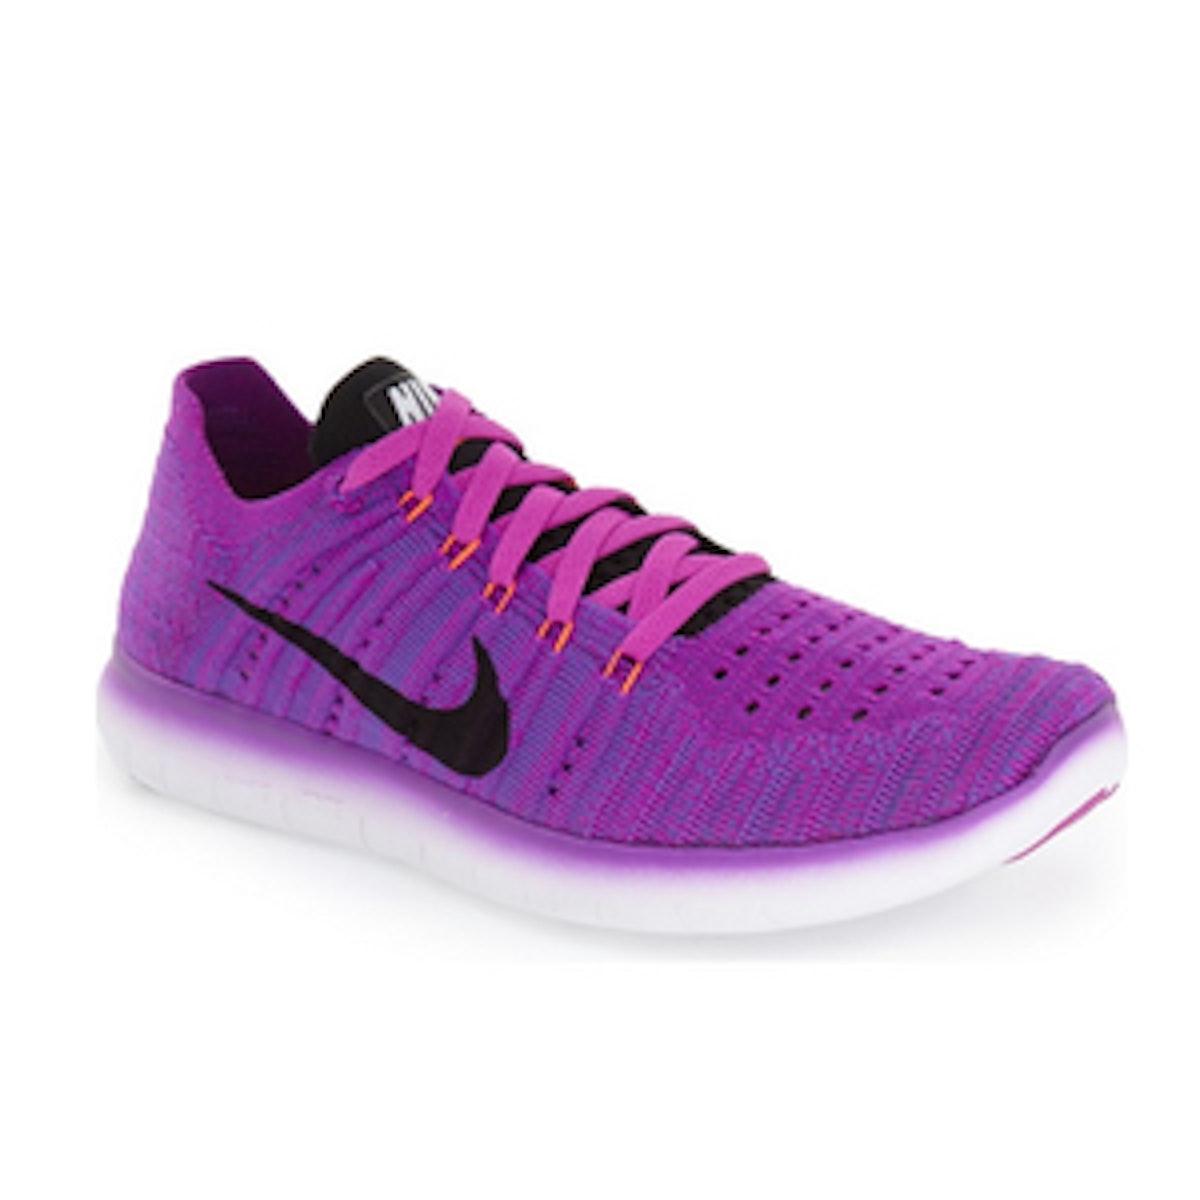 Free Flyknit Running Shoe